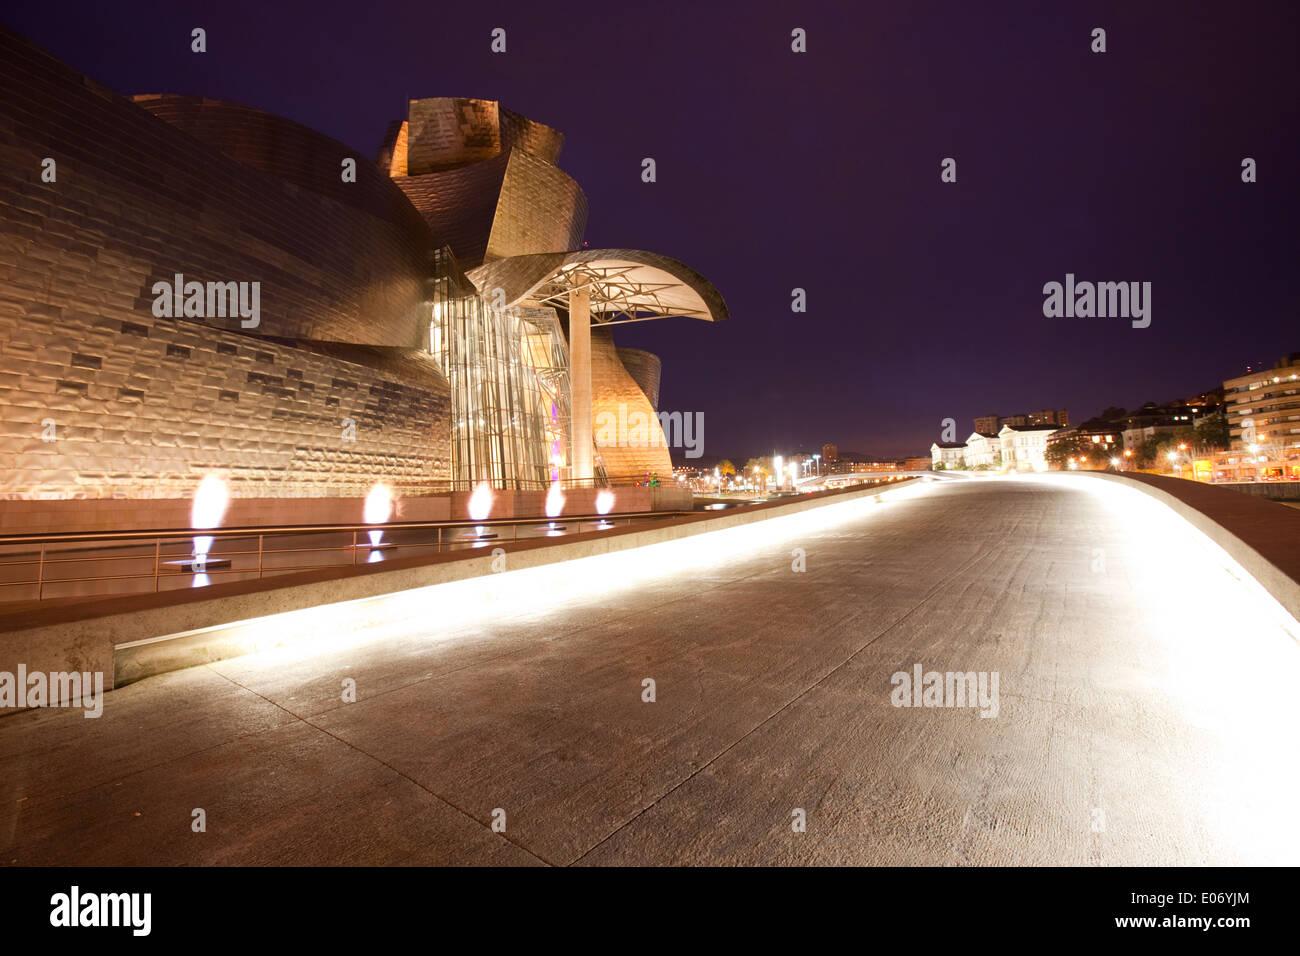 Seitenansicht des Guggenheim Museum Bilbao, Bilbao, Baskisches Land, Spanien. Stockfoto